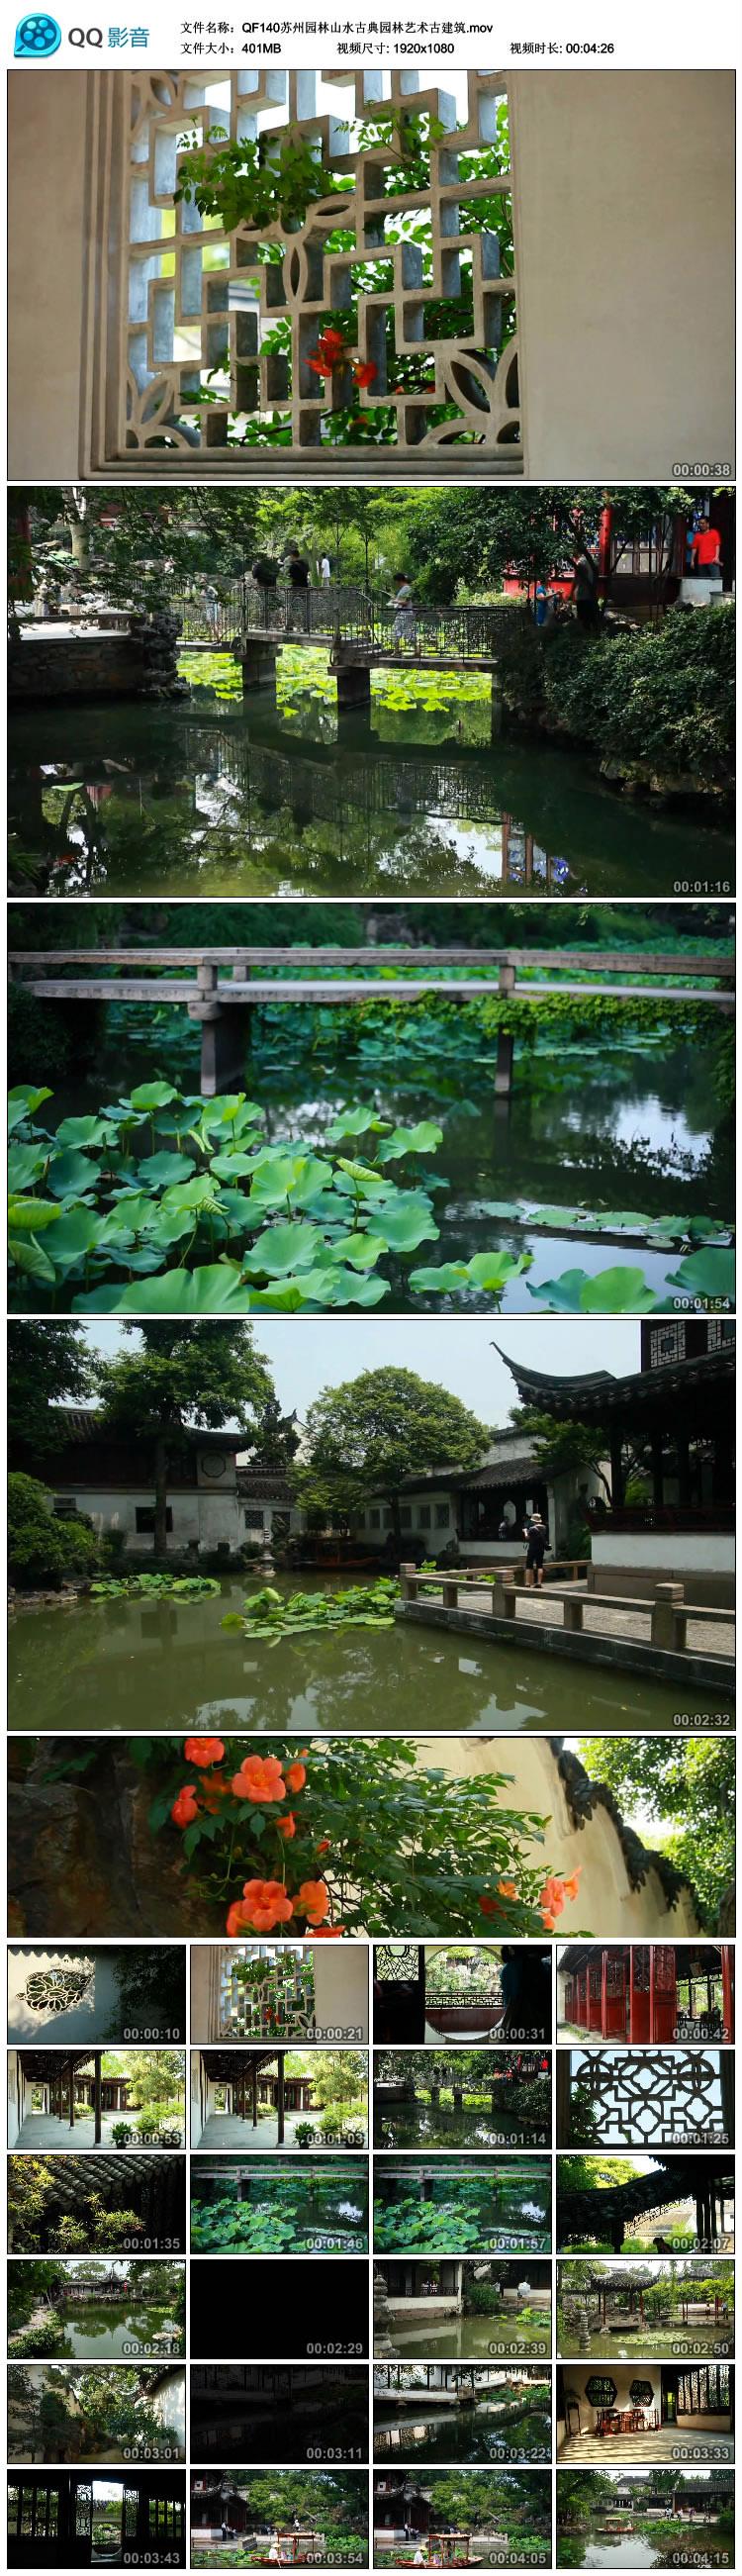 苏州园林山水古典园林艺术传统古建筑高清实拍视频素材